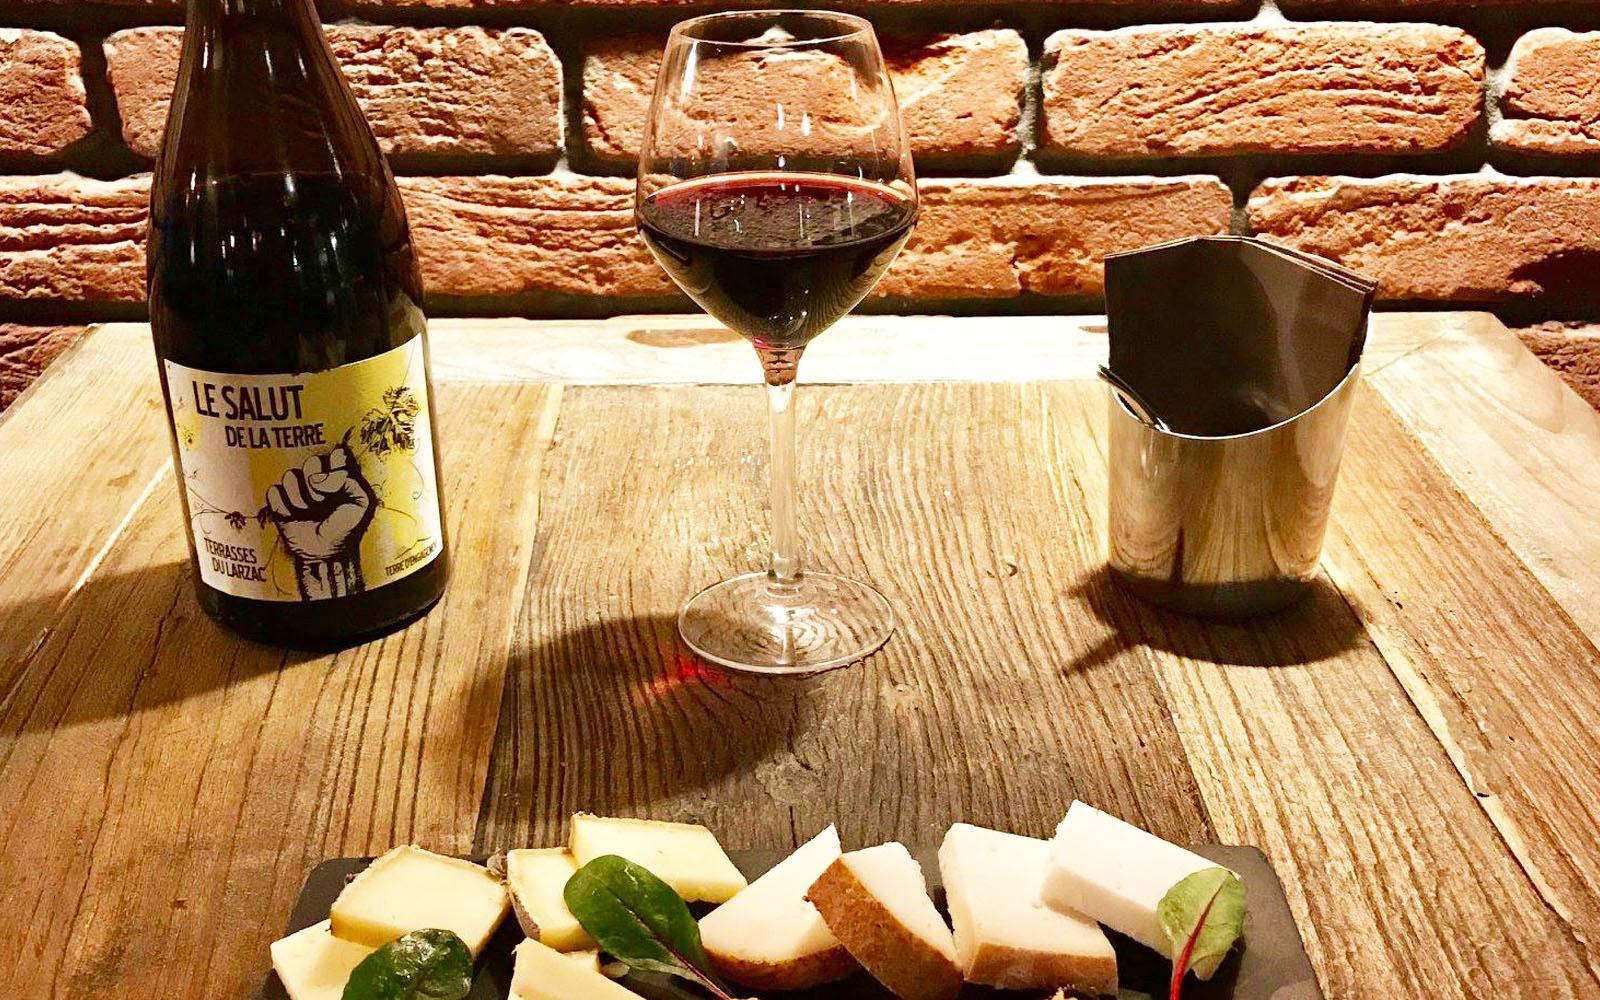 Calice di vino e tagliere di formaggi. © Wine Not